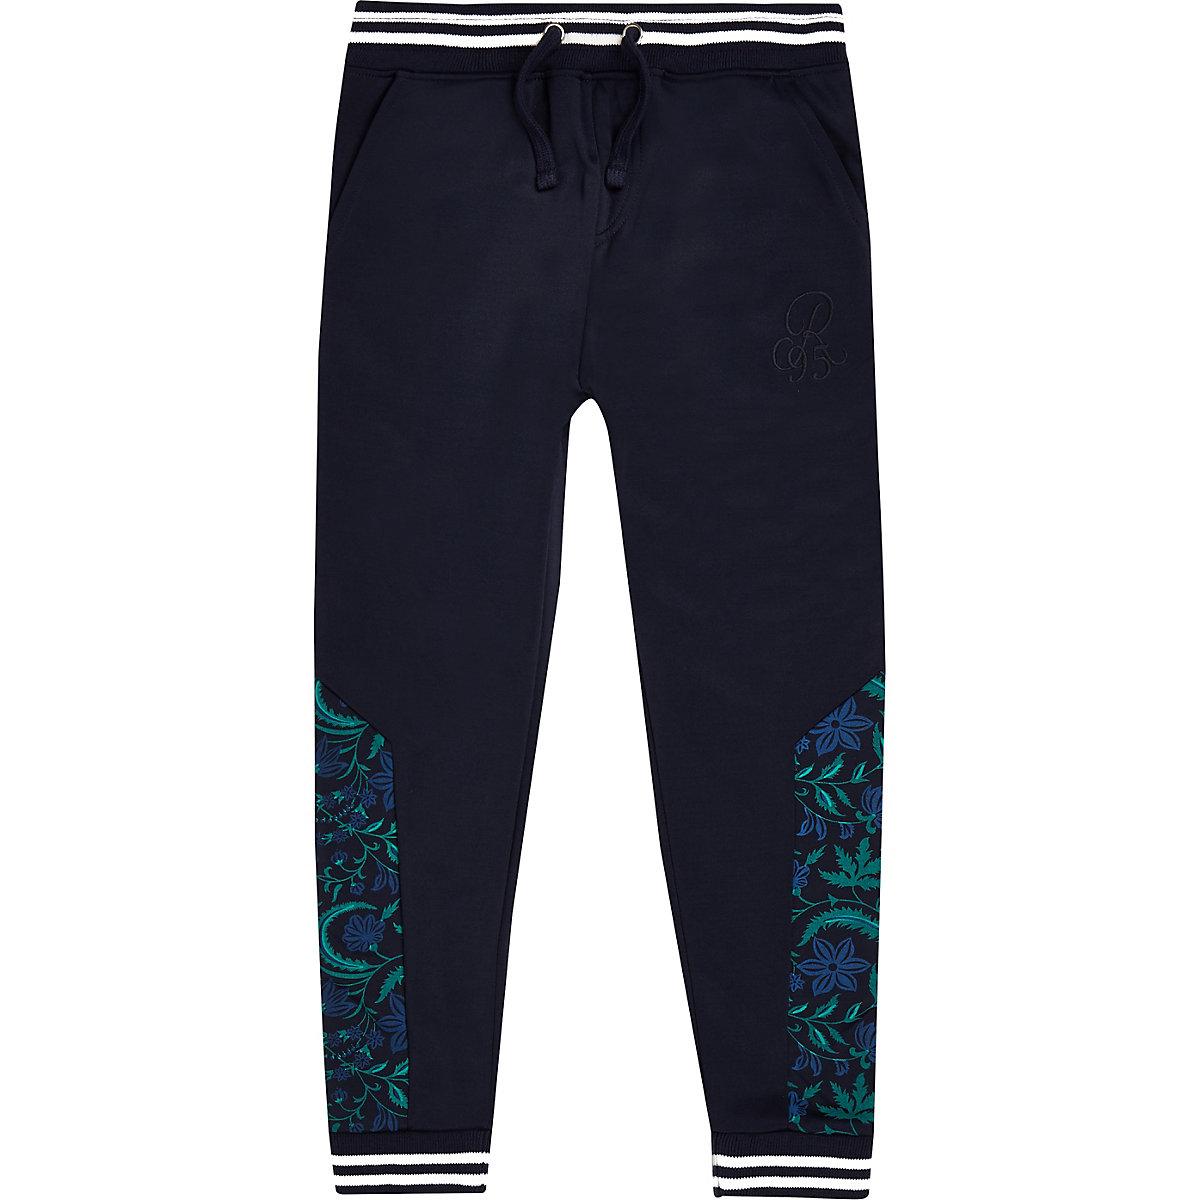 Pantalon de jogging à fleurs bleu marine avec bande pour garçon